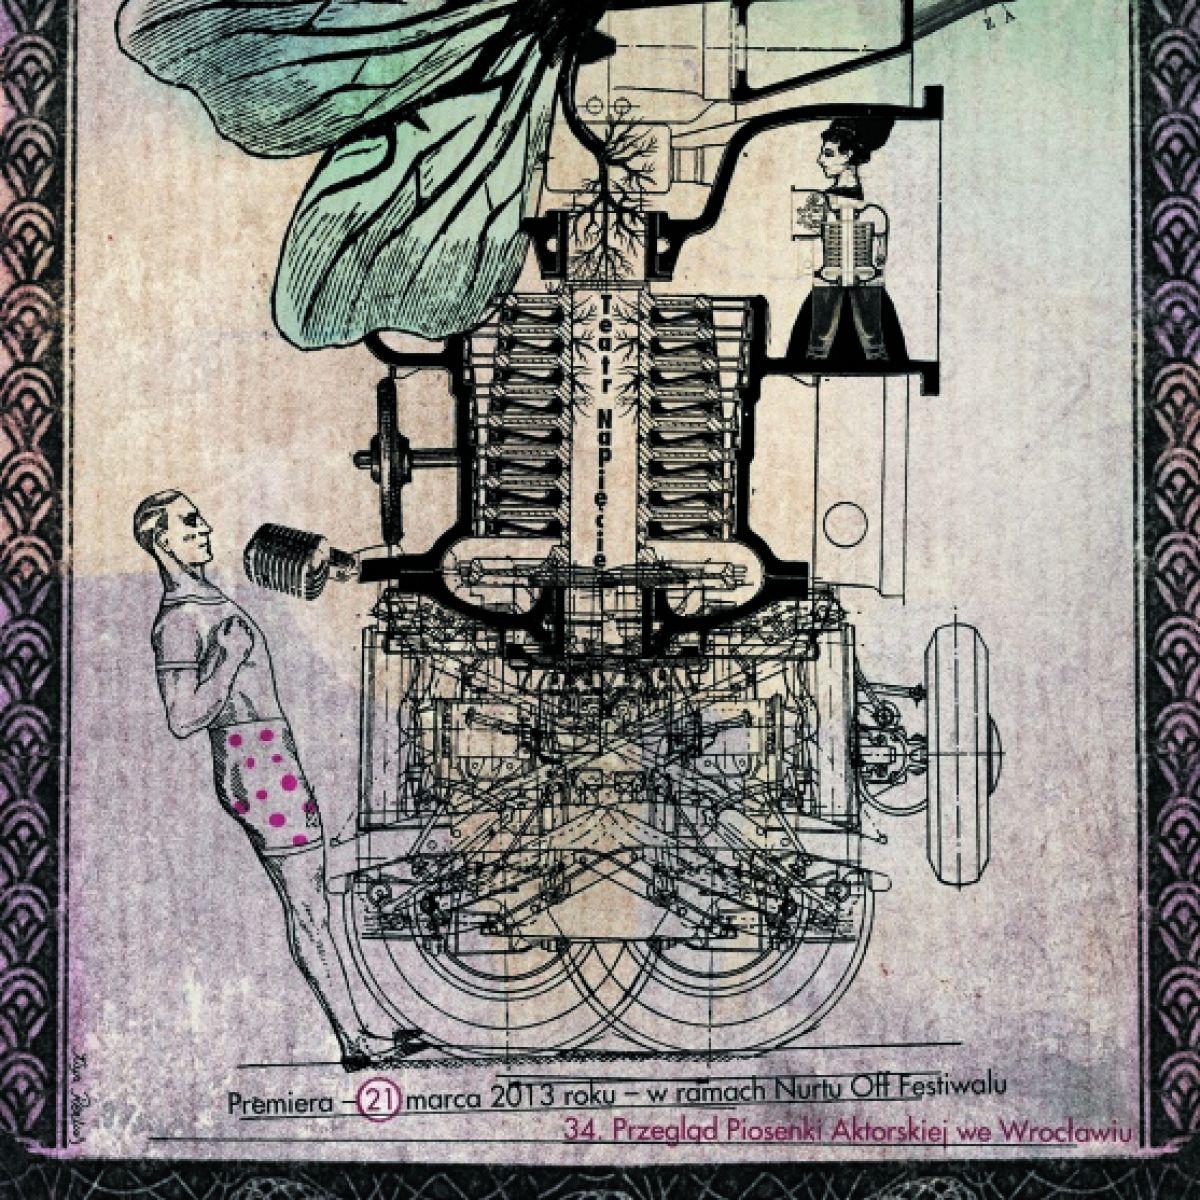 Pod patronatem Gallerystore: Kaja Renkas - wystawa plakatu - XI odsłona z kolekcji Włodka Orła